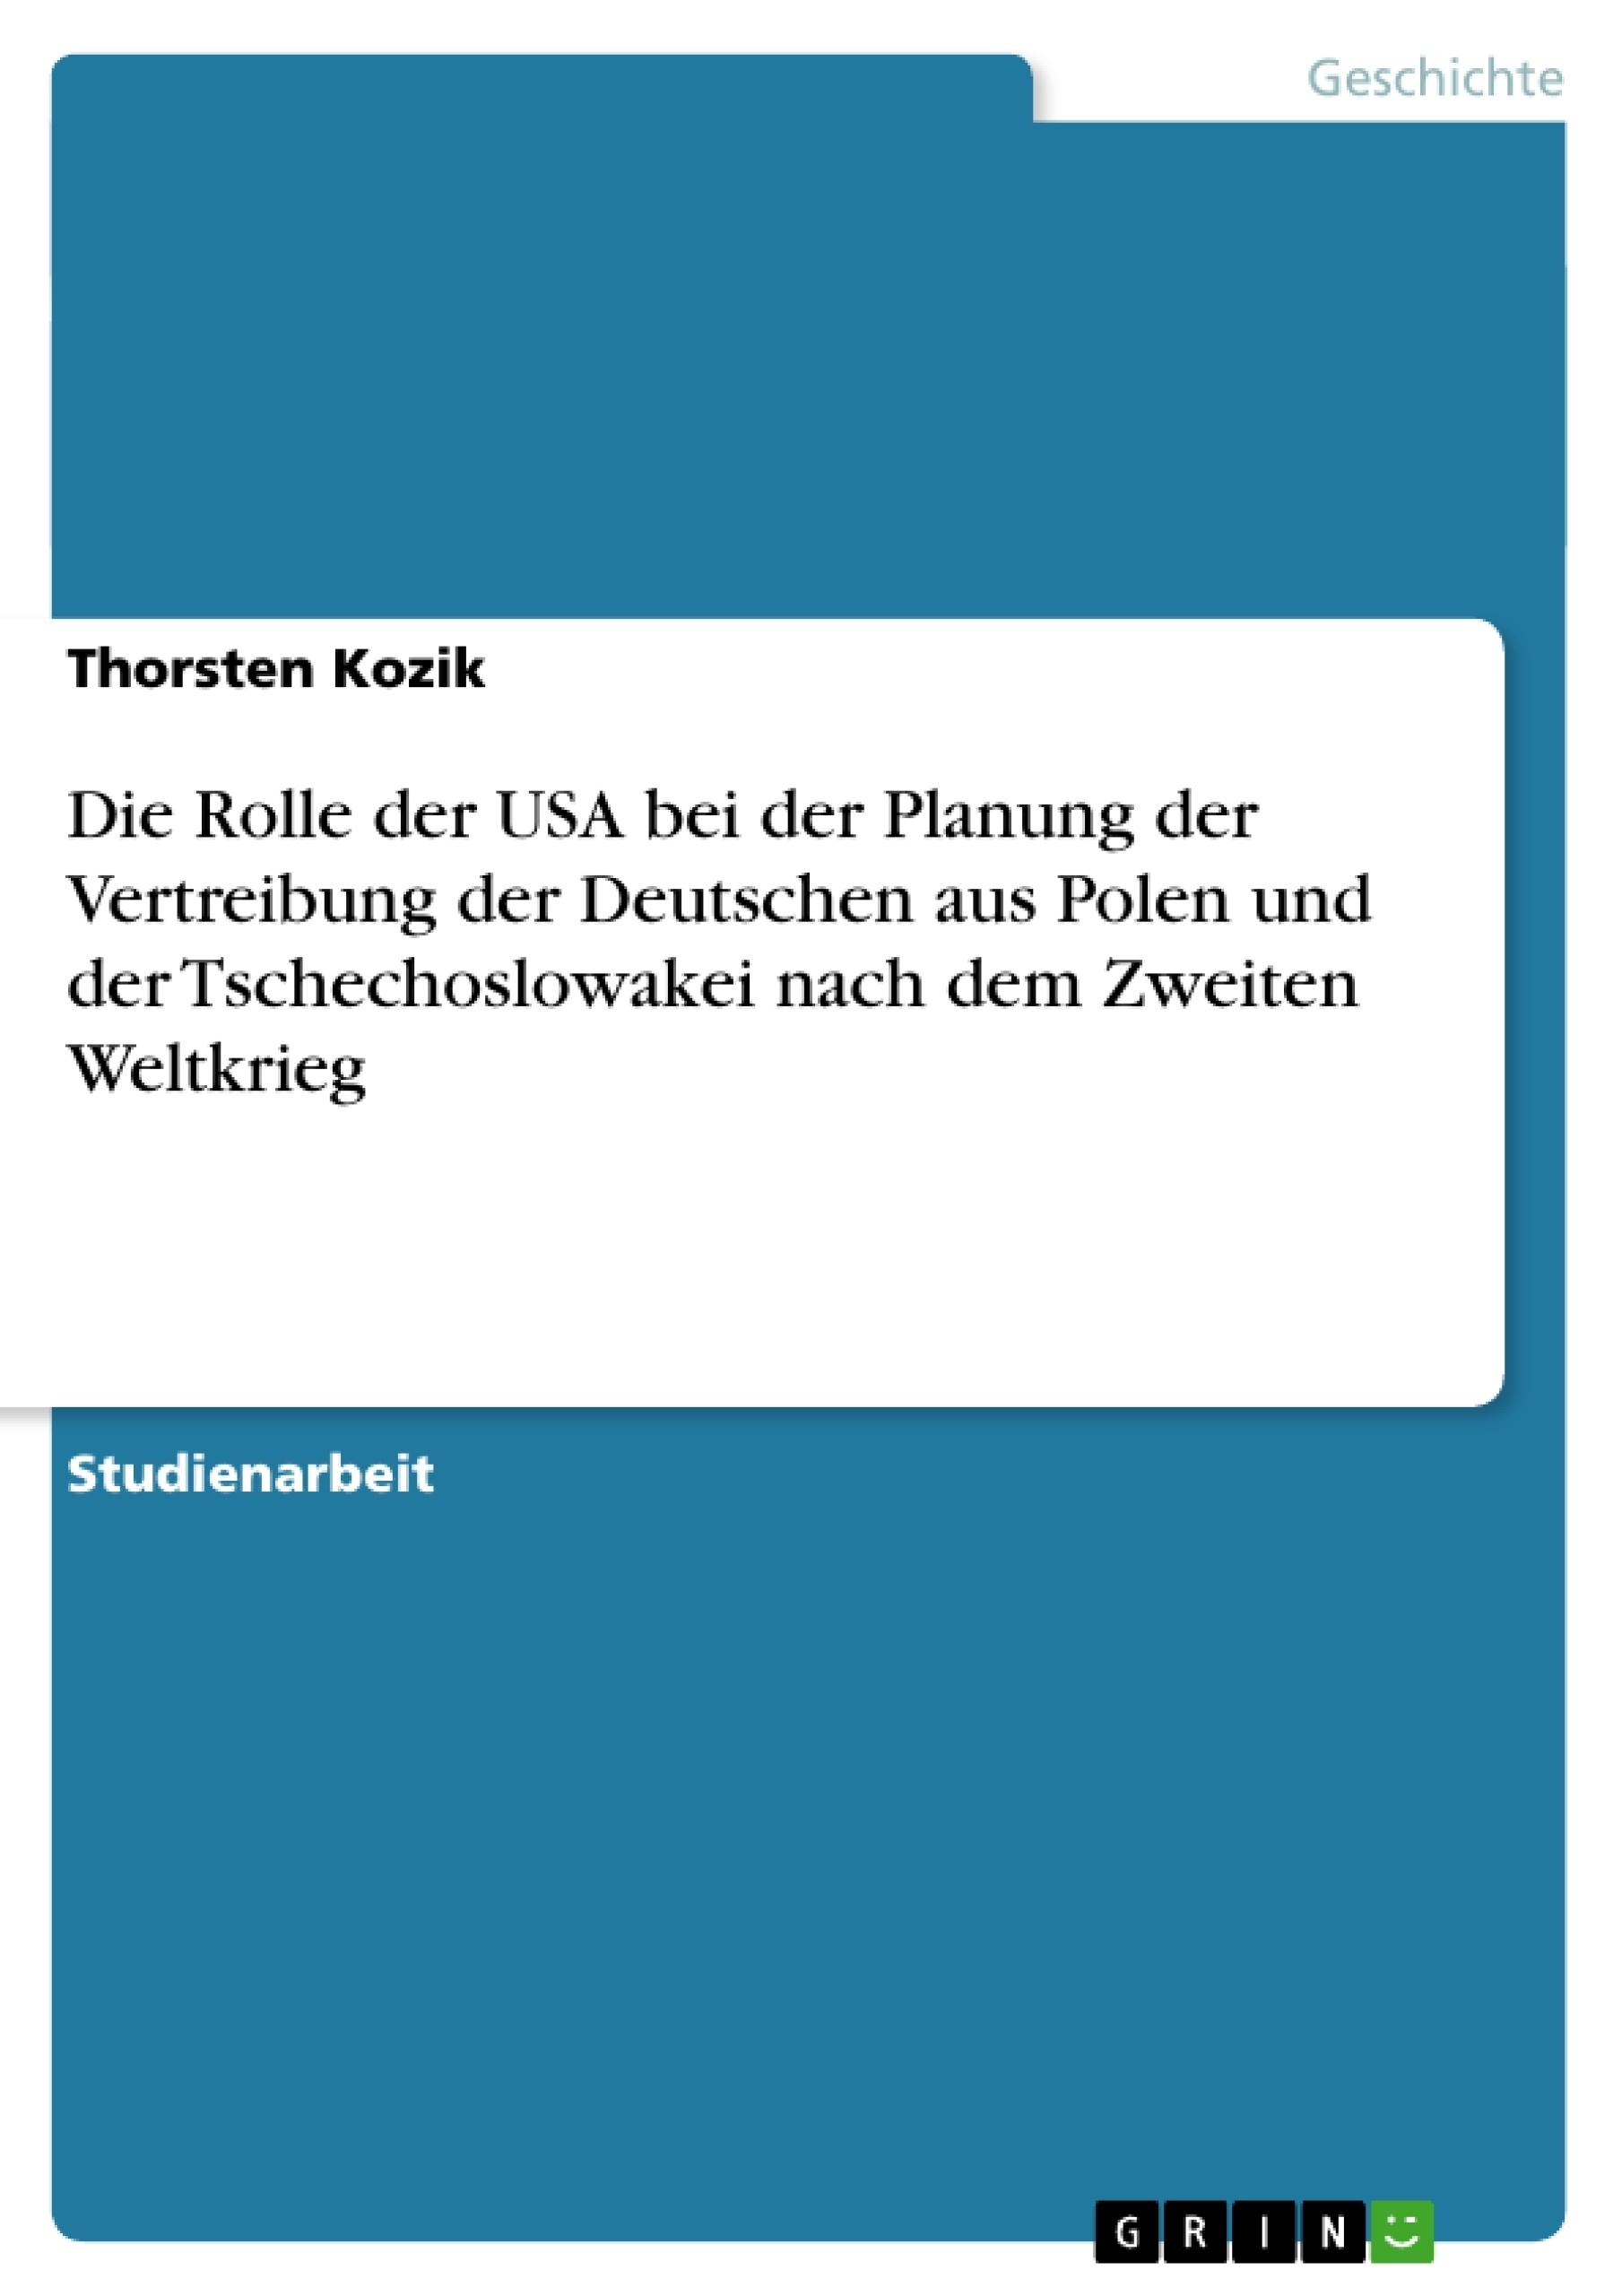 Titel: Die Rolle der USA bei der Planung der Vertreibung der Deutschen aus Polen und der Tschechoslowakei nach dem Zweiten Weltkrieg